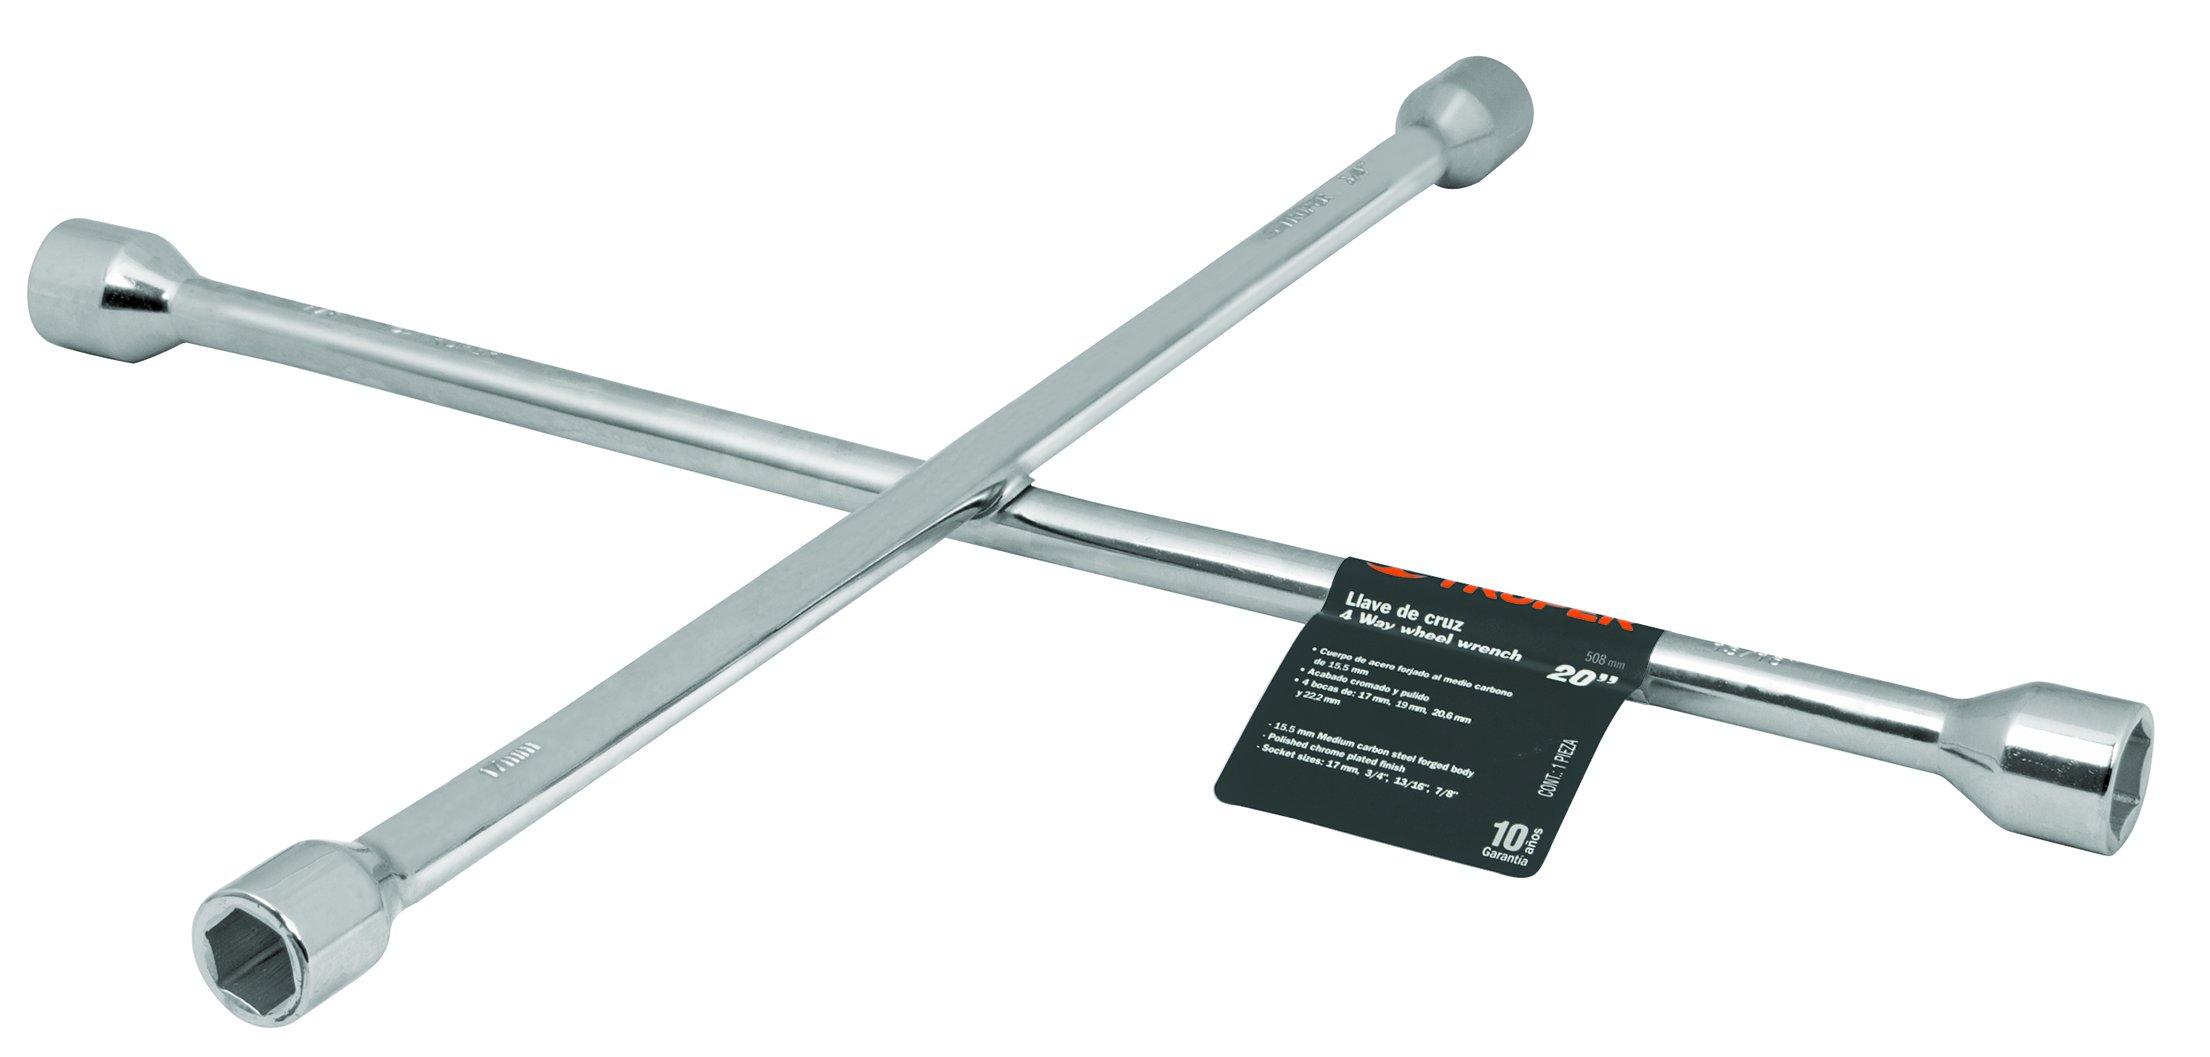 TRUPER LLCR-20 Cross wrench for car, 20'' (508mm)